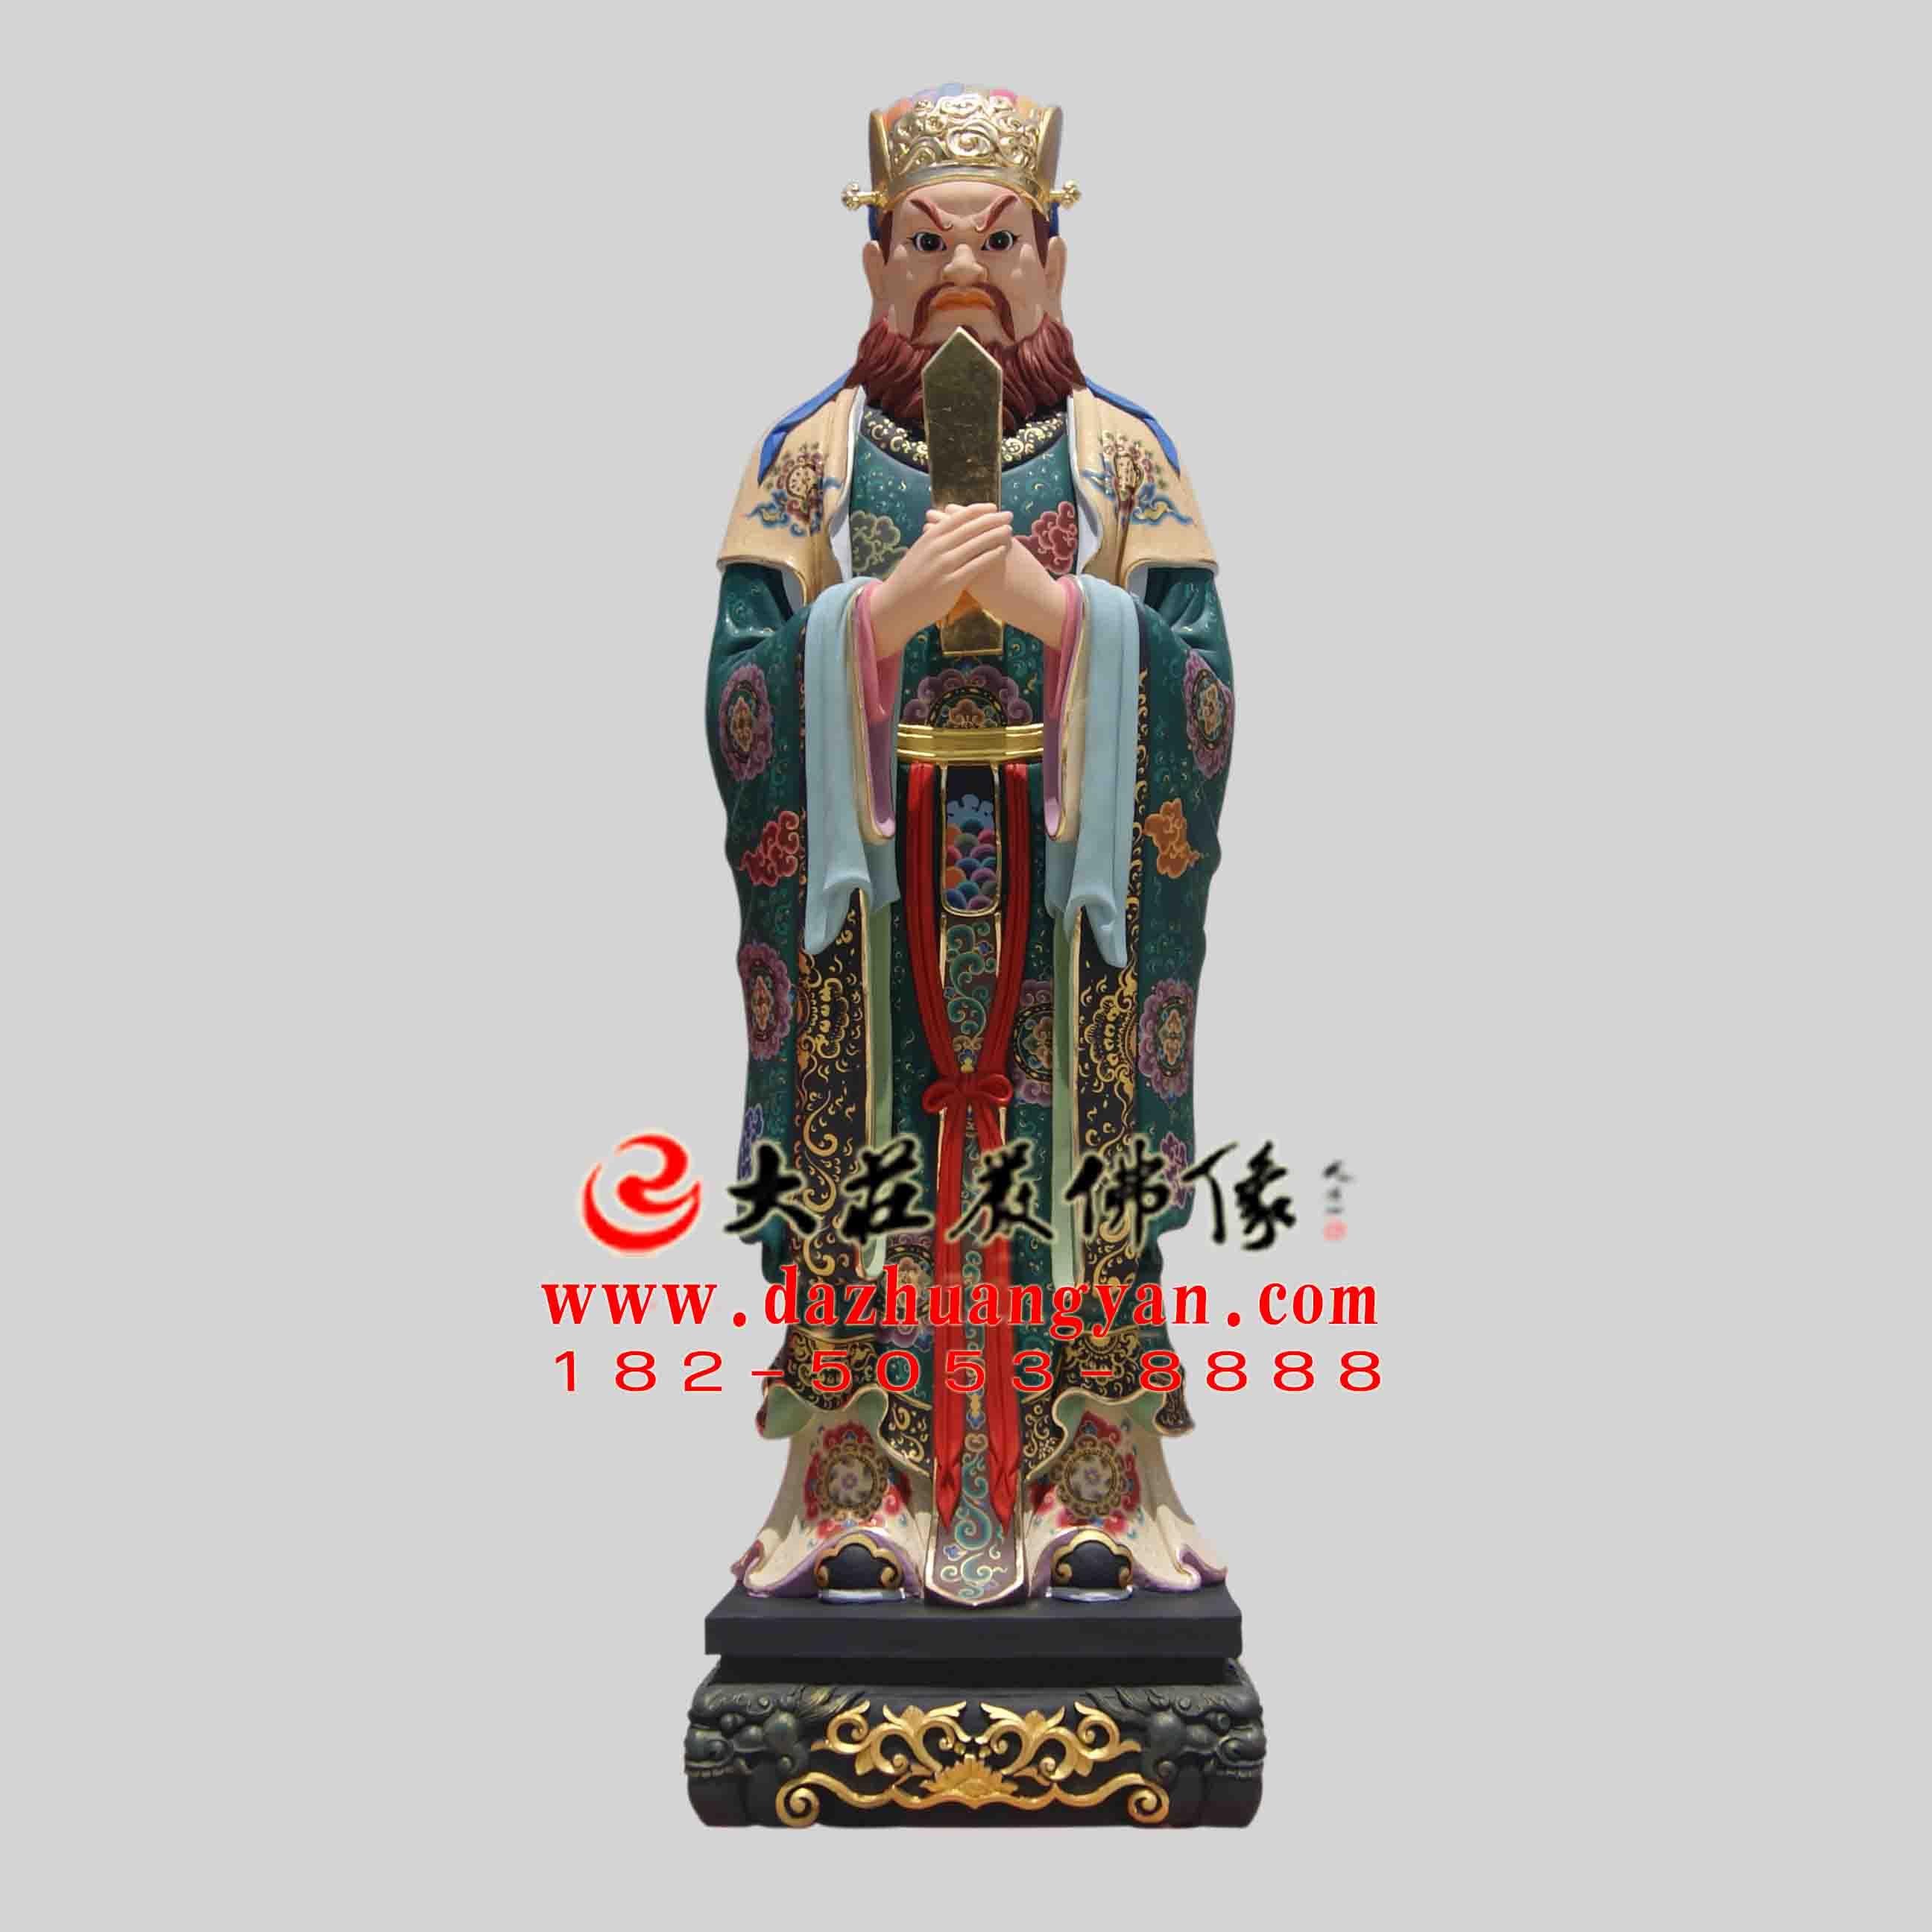 彩绘描金生漆脱胎阎摩罗王塑像【2403】